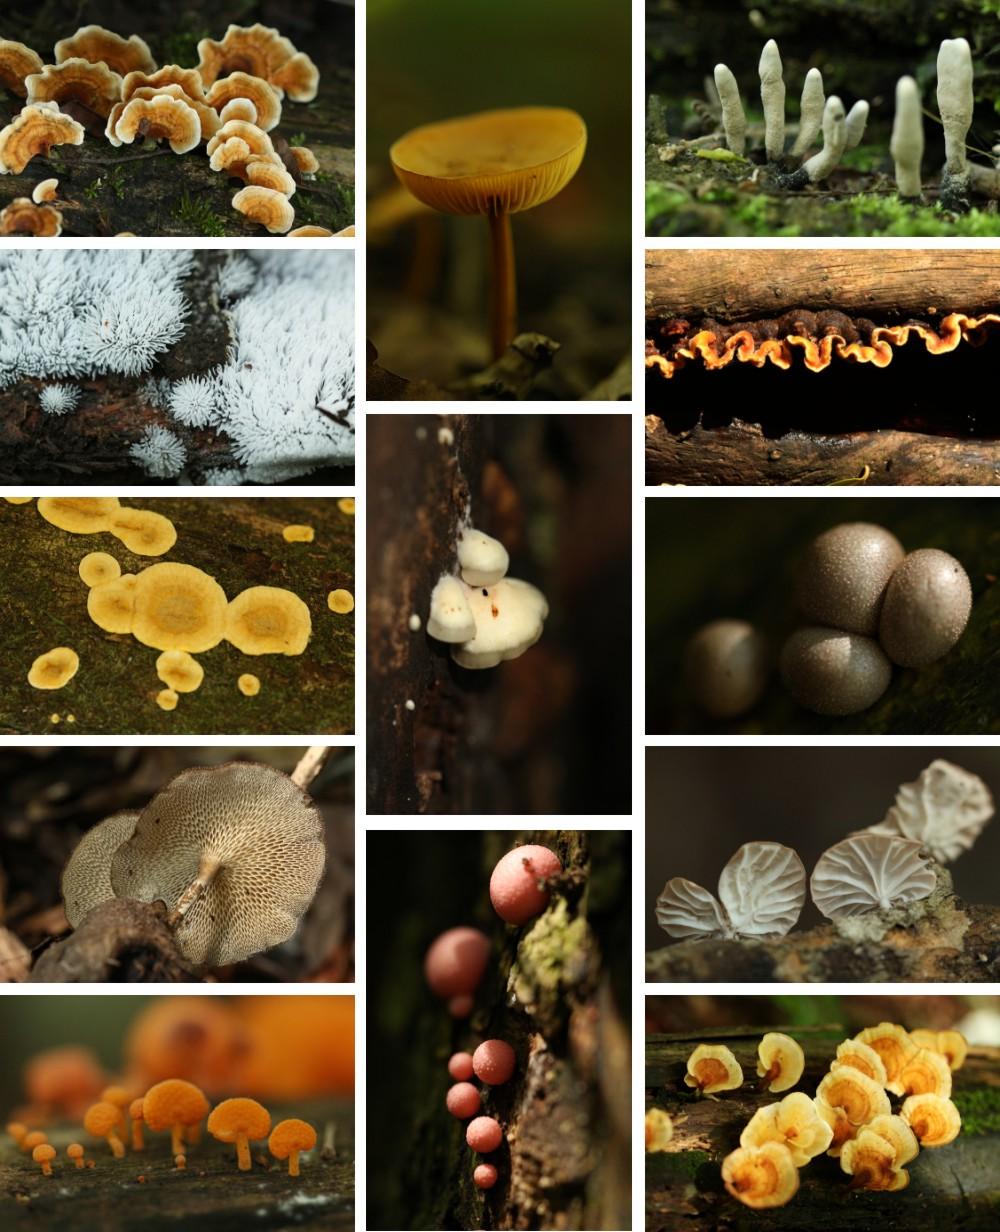 Fungi of Ngome